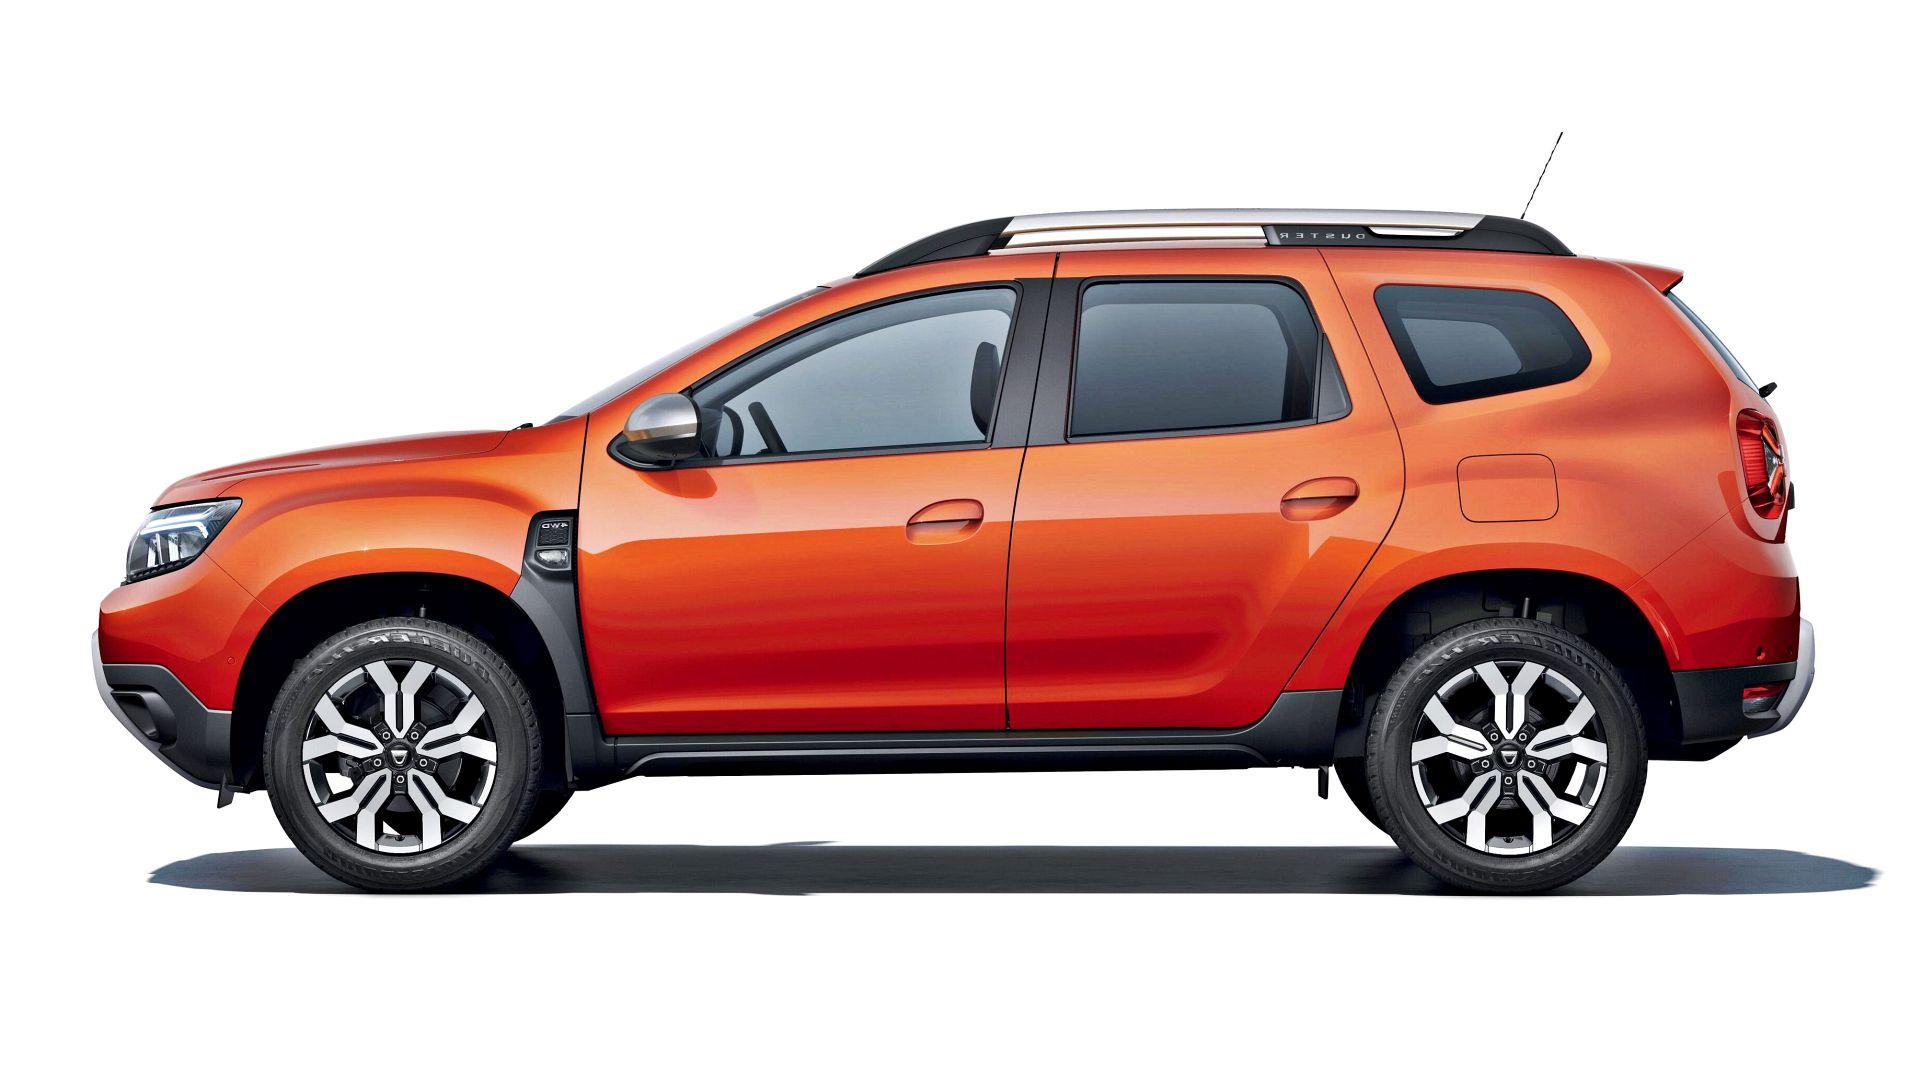 Consum Dacia după resoftare